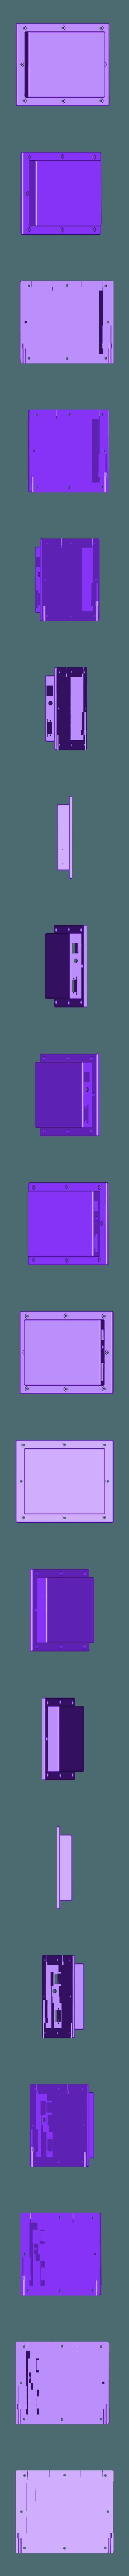 Control_pack-top.stl Télécharger fichier STL gratuit Blinkini (Dessus de l'obturateur LCD) • Design pour impression 3D, SexyCyborg